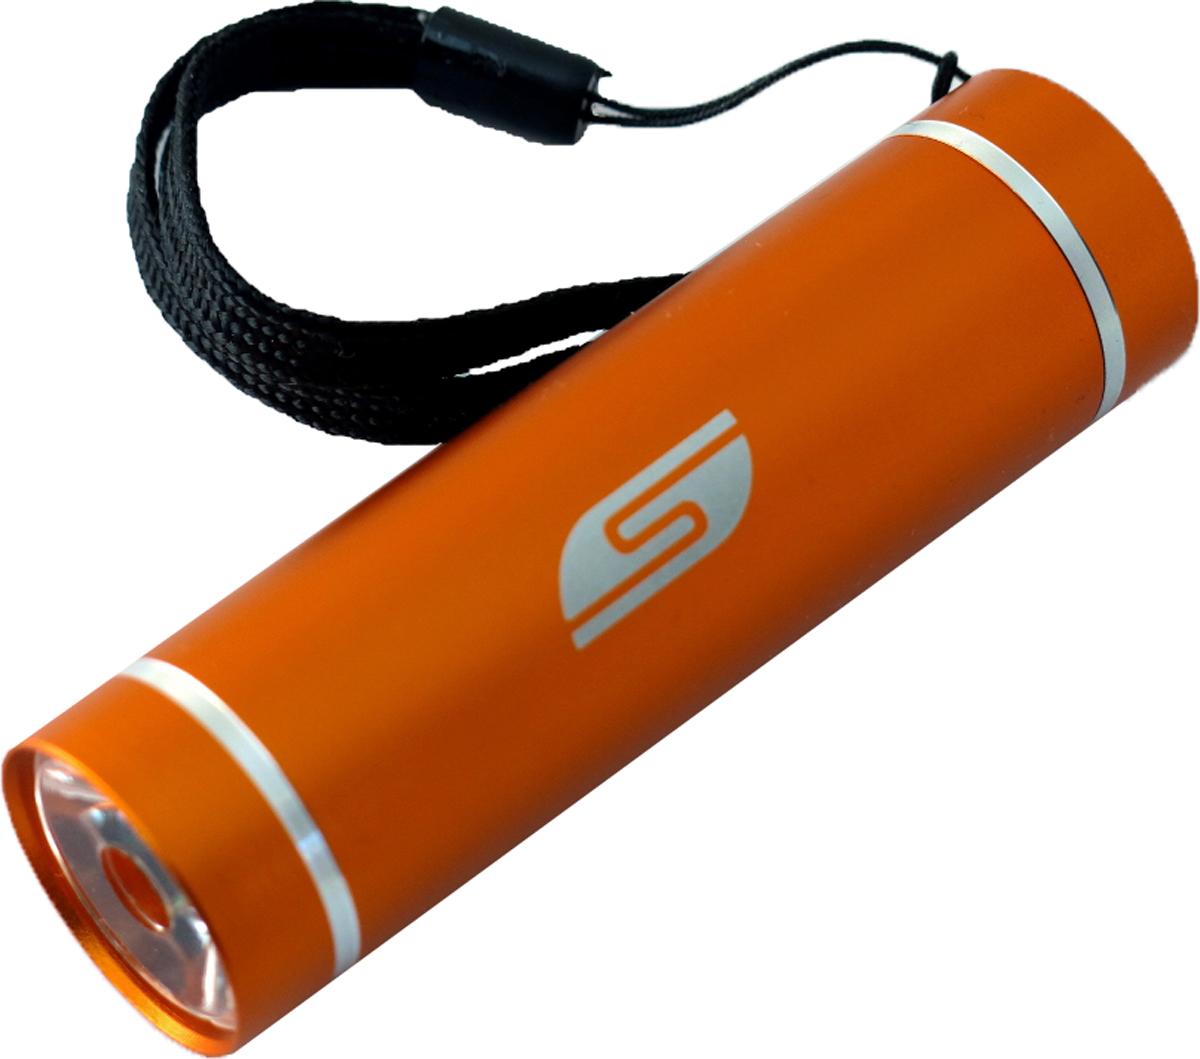 Фонарь SolarisT-5, ручной, цвет: оранжевыйKOC2028LEDКарманный фонарь, подходит для ежедневного ношения. Фонарь выполнен из качественного алюминия с защитным анодированием корпуса. Влагозащищённый - стандарт IPX6. Фонарь снабжен современным светодиодом мощностью 1 Ватт. Мощность светового потока 60 люмен, дальность эффективного излучения света 100 метров. Благодаря длине всего 9 сантиметров и малому весу фонарь идеально подходит для ежедневного ношения в качестве карманного. Кнопка включения в хвостовой части фонаря утоплена в корпус, что исключает случайное нажатие в кармане. Коллиматорная линза направленного действия и светодиод мощностью 1 Ватт обеспечивают фонарю очень приличную дальность освещения 100 метров. Фонарь может применяться в качестве запасного туристического фонаря и источника света для бытовых нужд. Особенности конструкции и эксплуатации фонаря SOLARIS T-5: - Один режим работы фонаря. - Кнопка включения расположена в хвостовой части фонаря. - Фонарь работает от 3-х батарей ААА (в комплект не входят). Кассета для батареек прилагается, находится внутри фонаря. - Время работы фонаря от 3-х батарей ААА: 5 часов. Размеры фонаря: 9 см х 2,6 см.